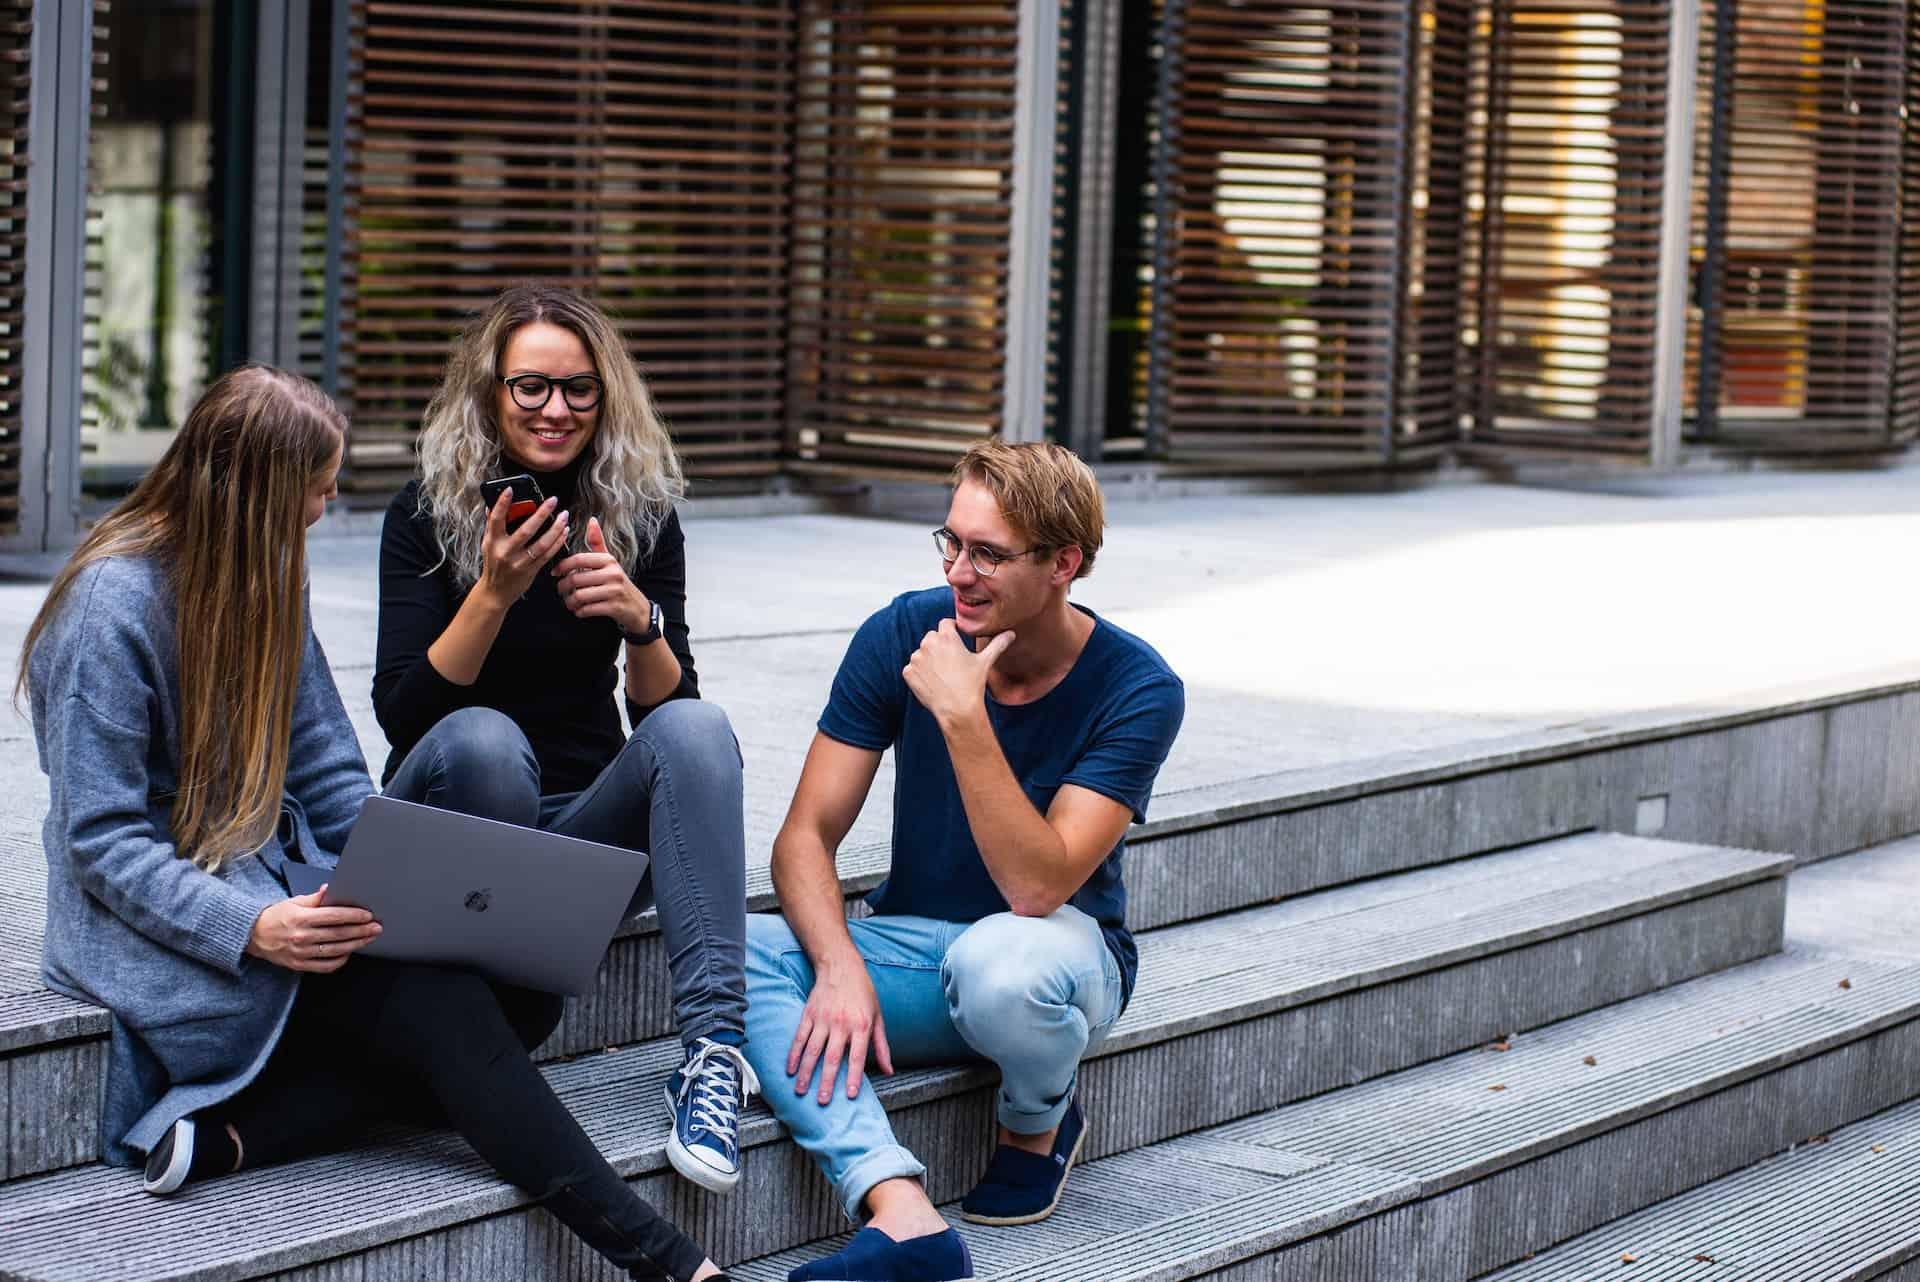 Zwei Frauen und ein Mann sitzen mit Handy und Laptop draußen auf einer Treppe (c) Pexels.com